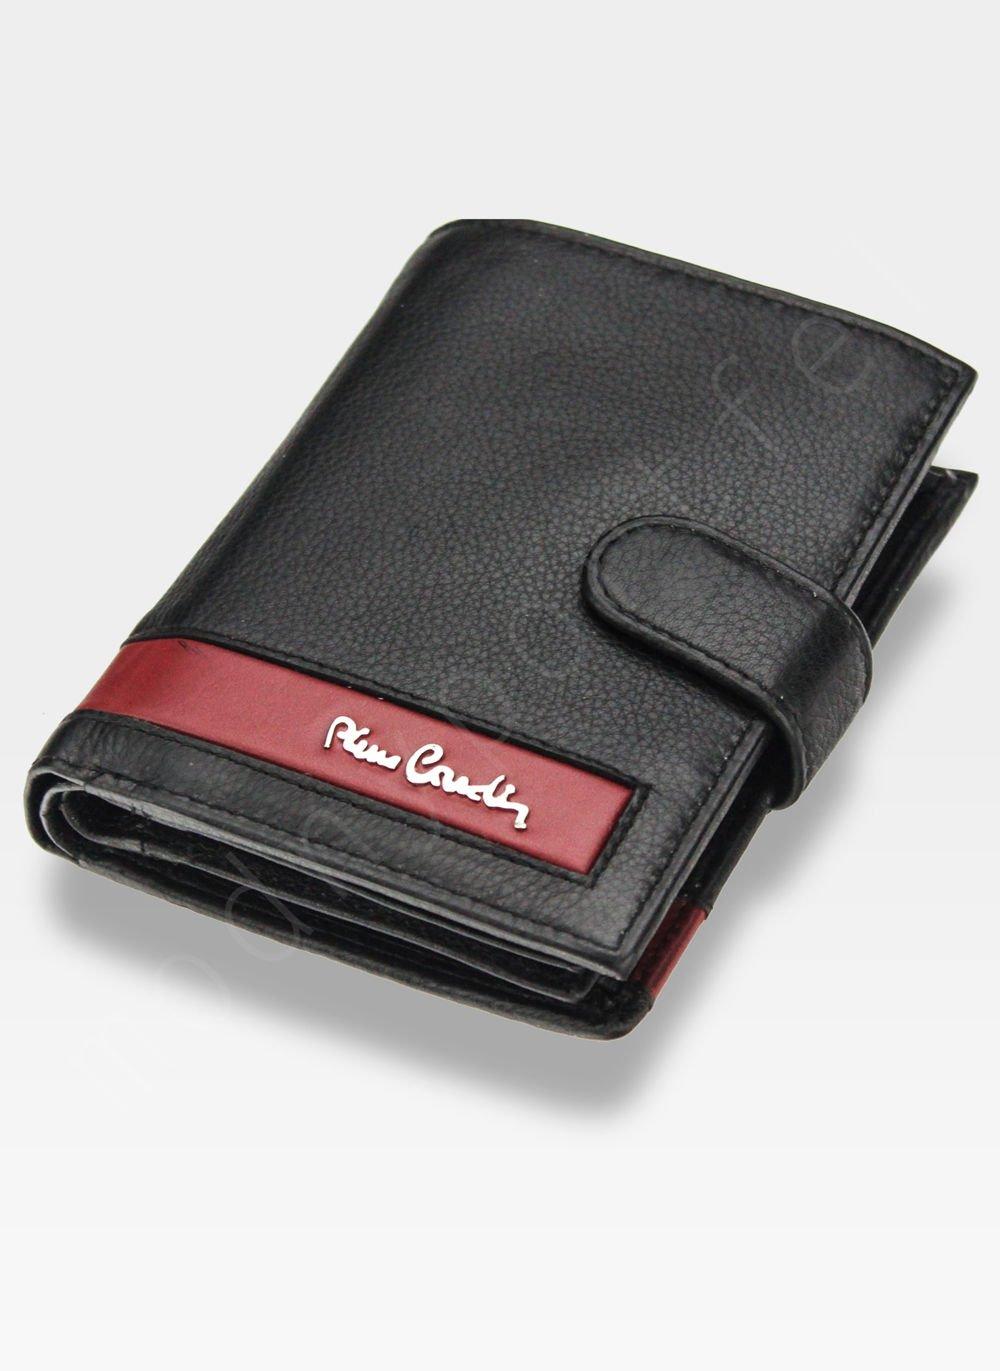 c0adbc314e47f Kliknij, aby powiększyć · Fajny portfel męski Desert Pierre Cardin Tilak26  326A Sahara RFID Kliknij, aby powiększyć ...